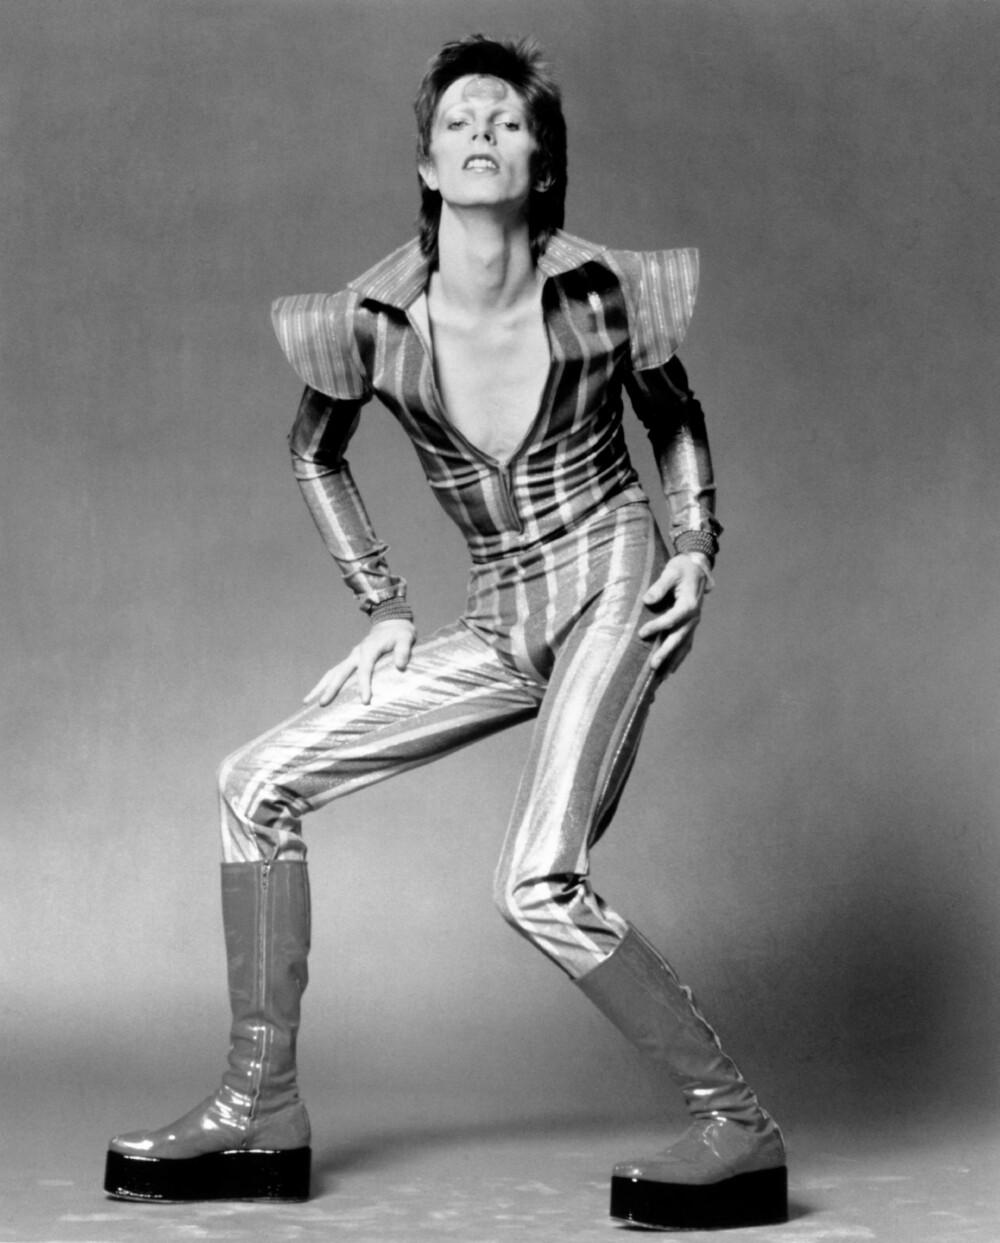 MOTETIPS # 2: David Bowie kjørte en androgyn stil under Ziggy Stardust-perioden på 70-tallet, i åletrange jumpsuits med ekstra detaljer på skuldrene, høye platåboots og metallisk sminke.